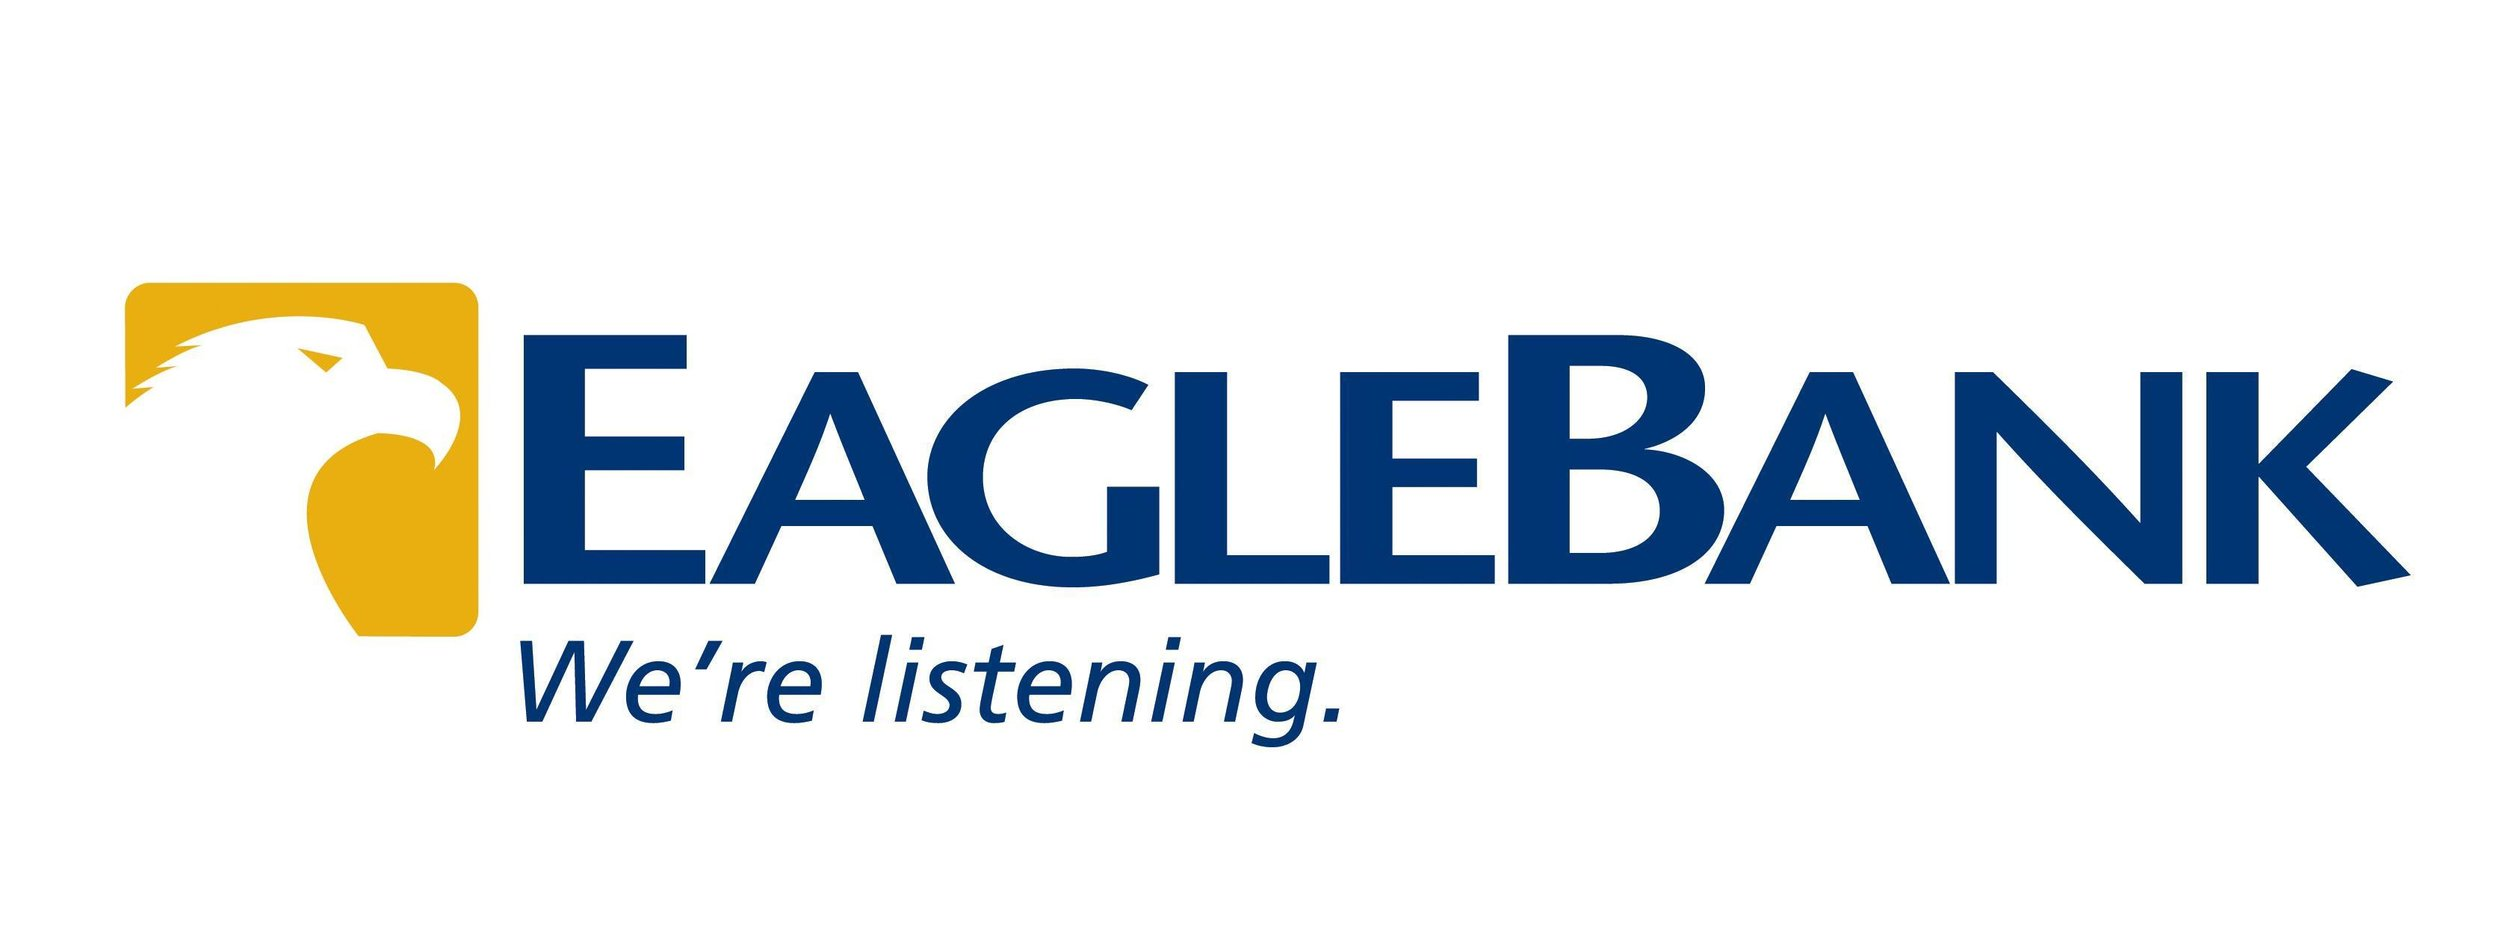 eagle-bank-logo-1.jpg